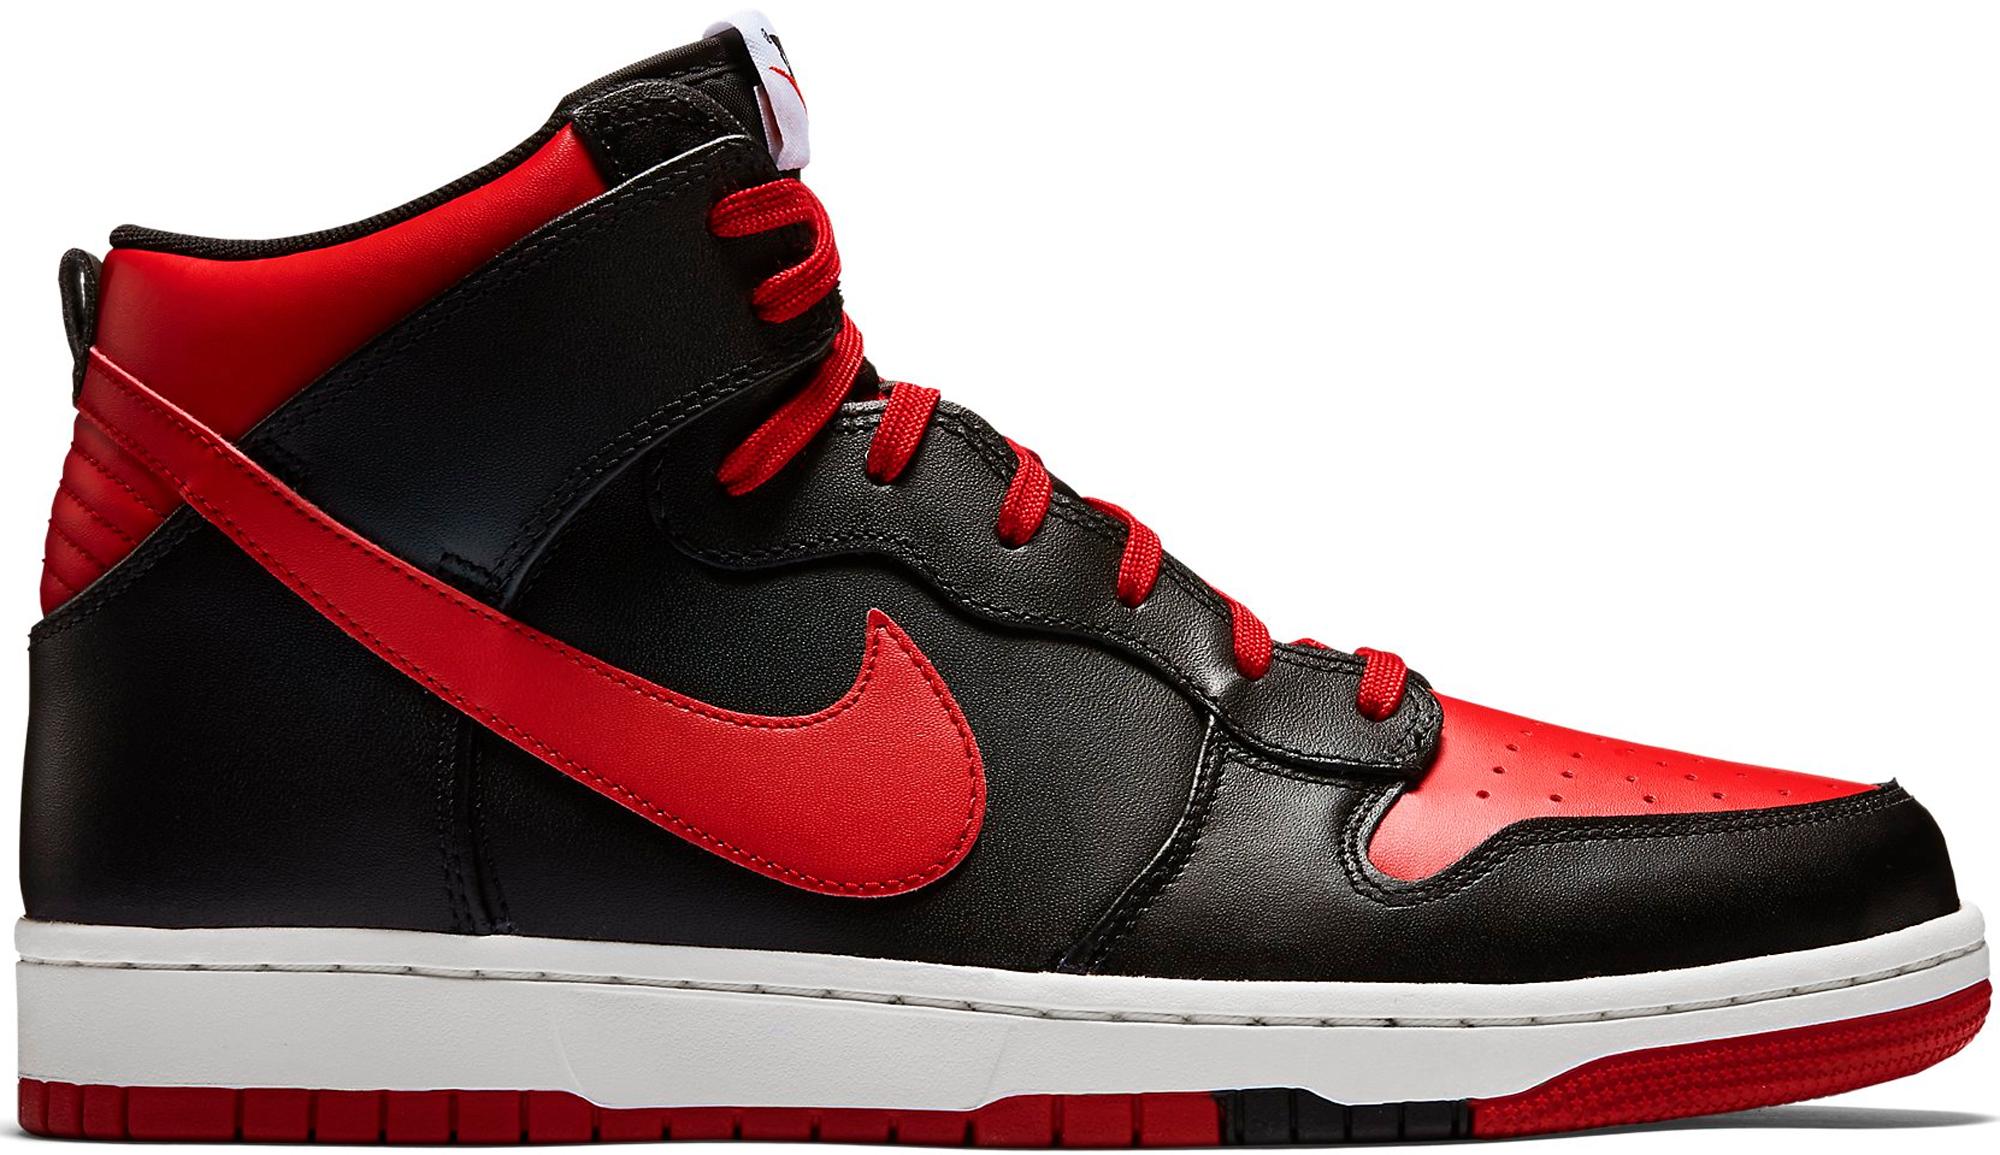 Nike Dunk CMFT Bred